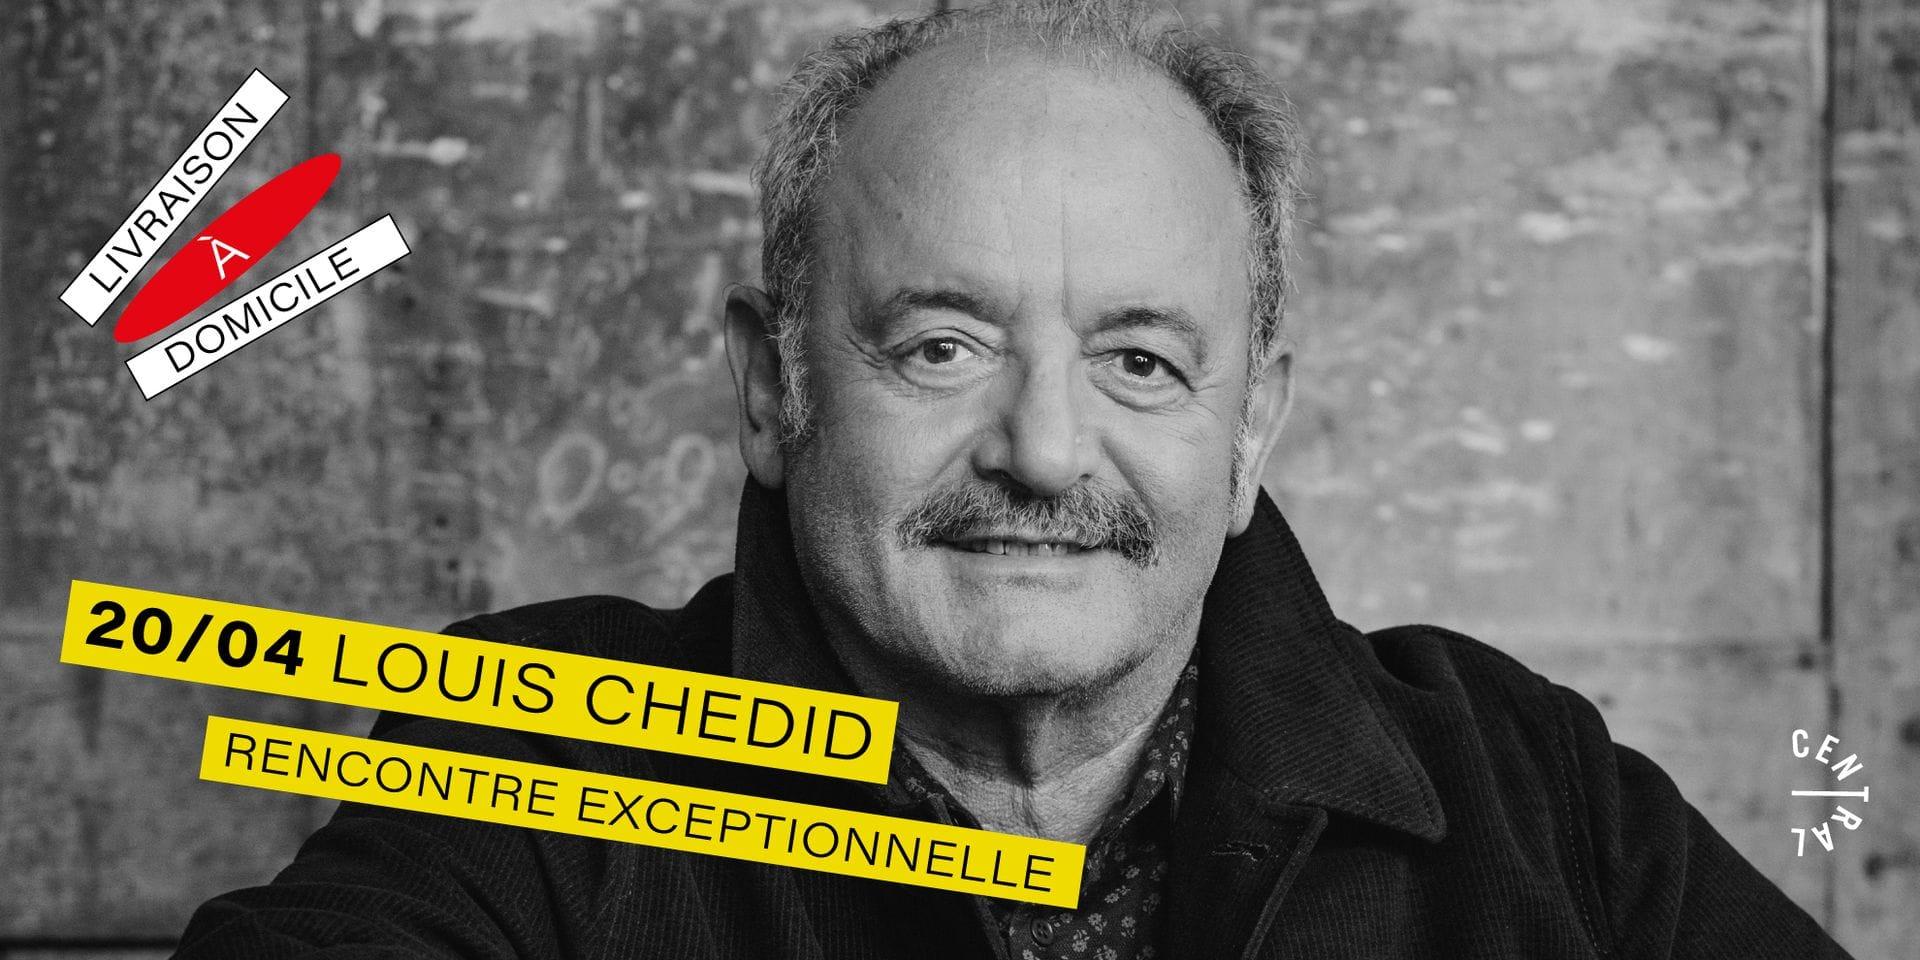 Louis Chedid en rencontre virtuelle grâce à Central